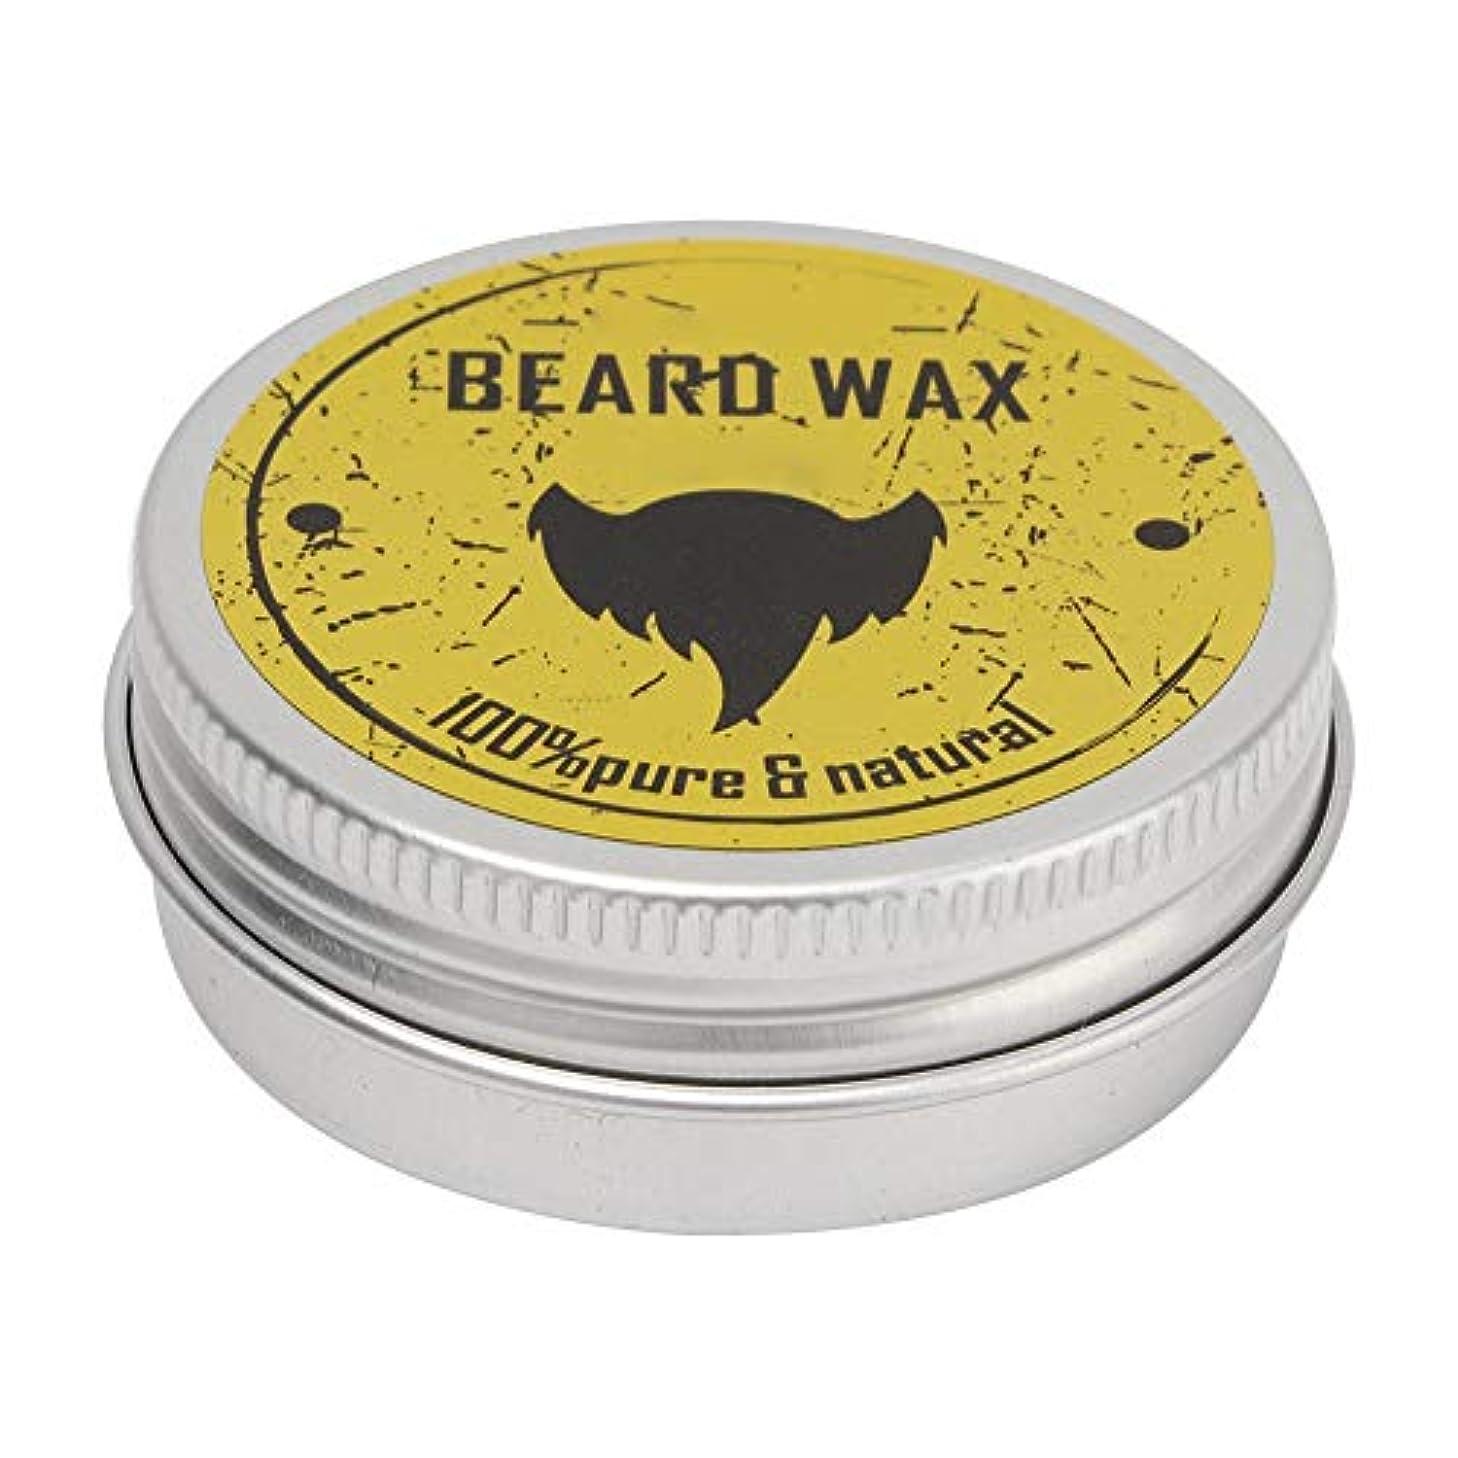 価値テザー風邪をひくひげの心配の香油、30mlひげの心配の人のひげの手入れをすることの男性の口ひげの心配のための保湿ワックスを手入れをすること